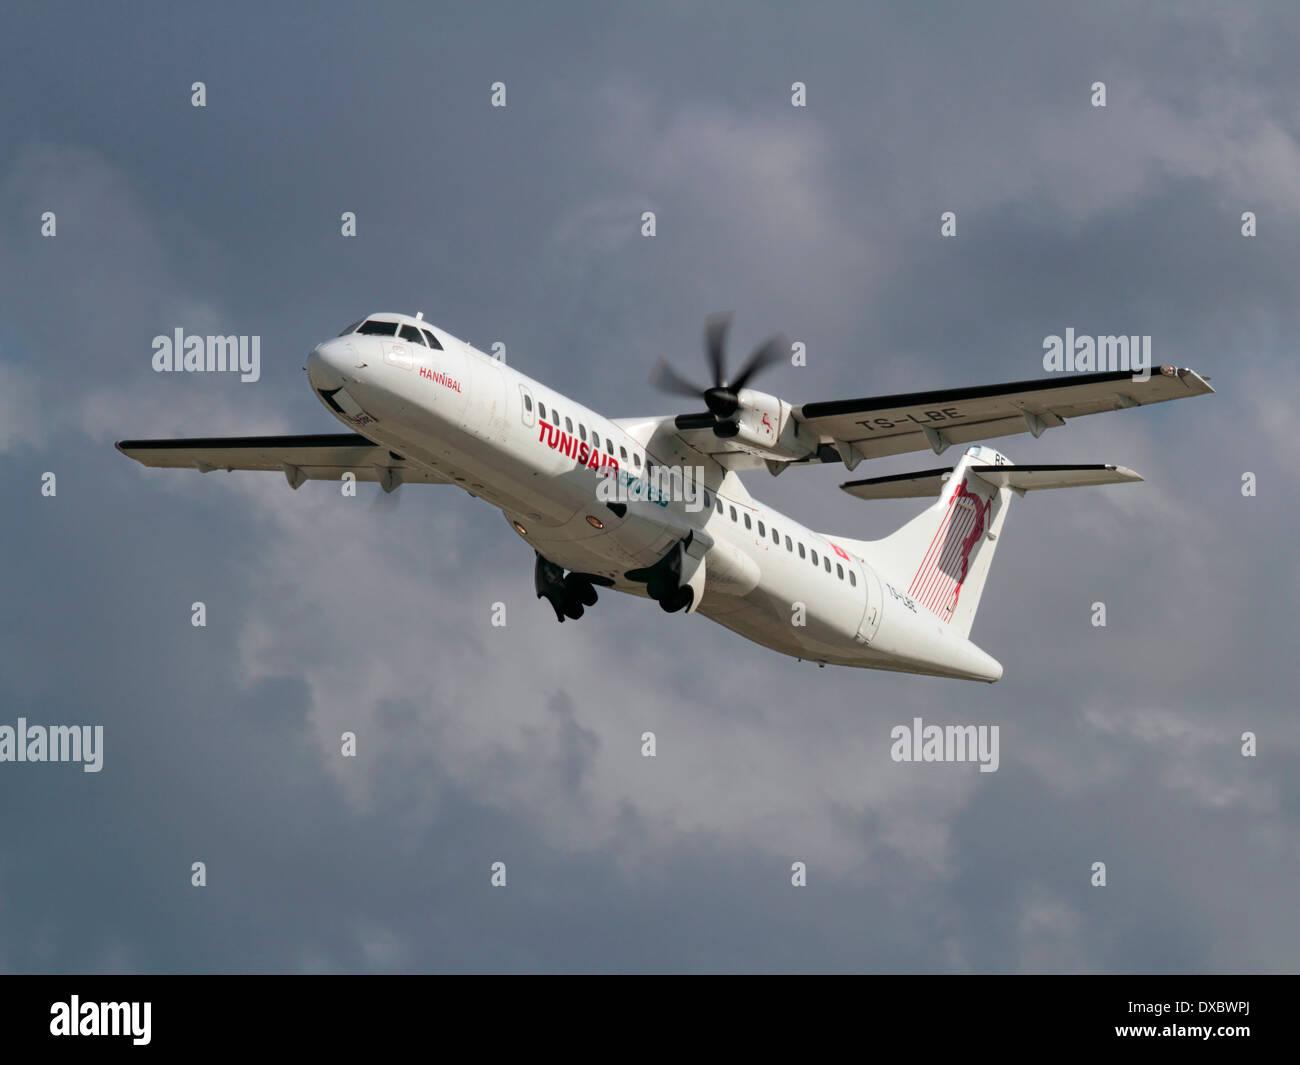 Transport aérien court-courrier. Tunisair Express avion régional à turbopropulseurs ATR 72-500 qui décolle Photo Stock